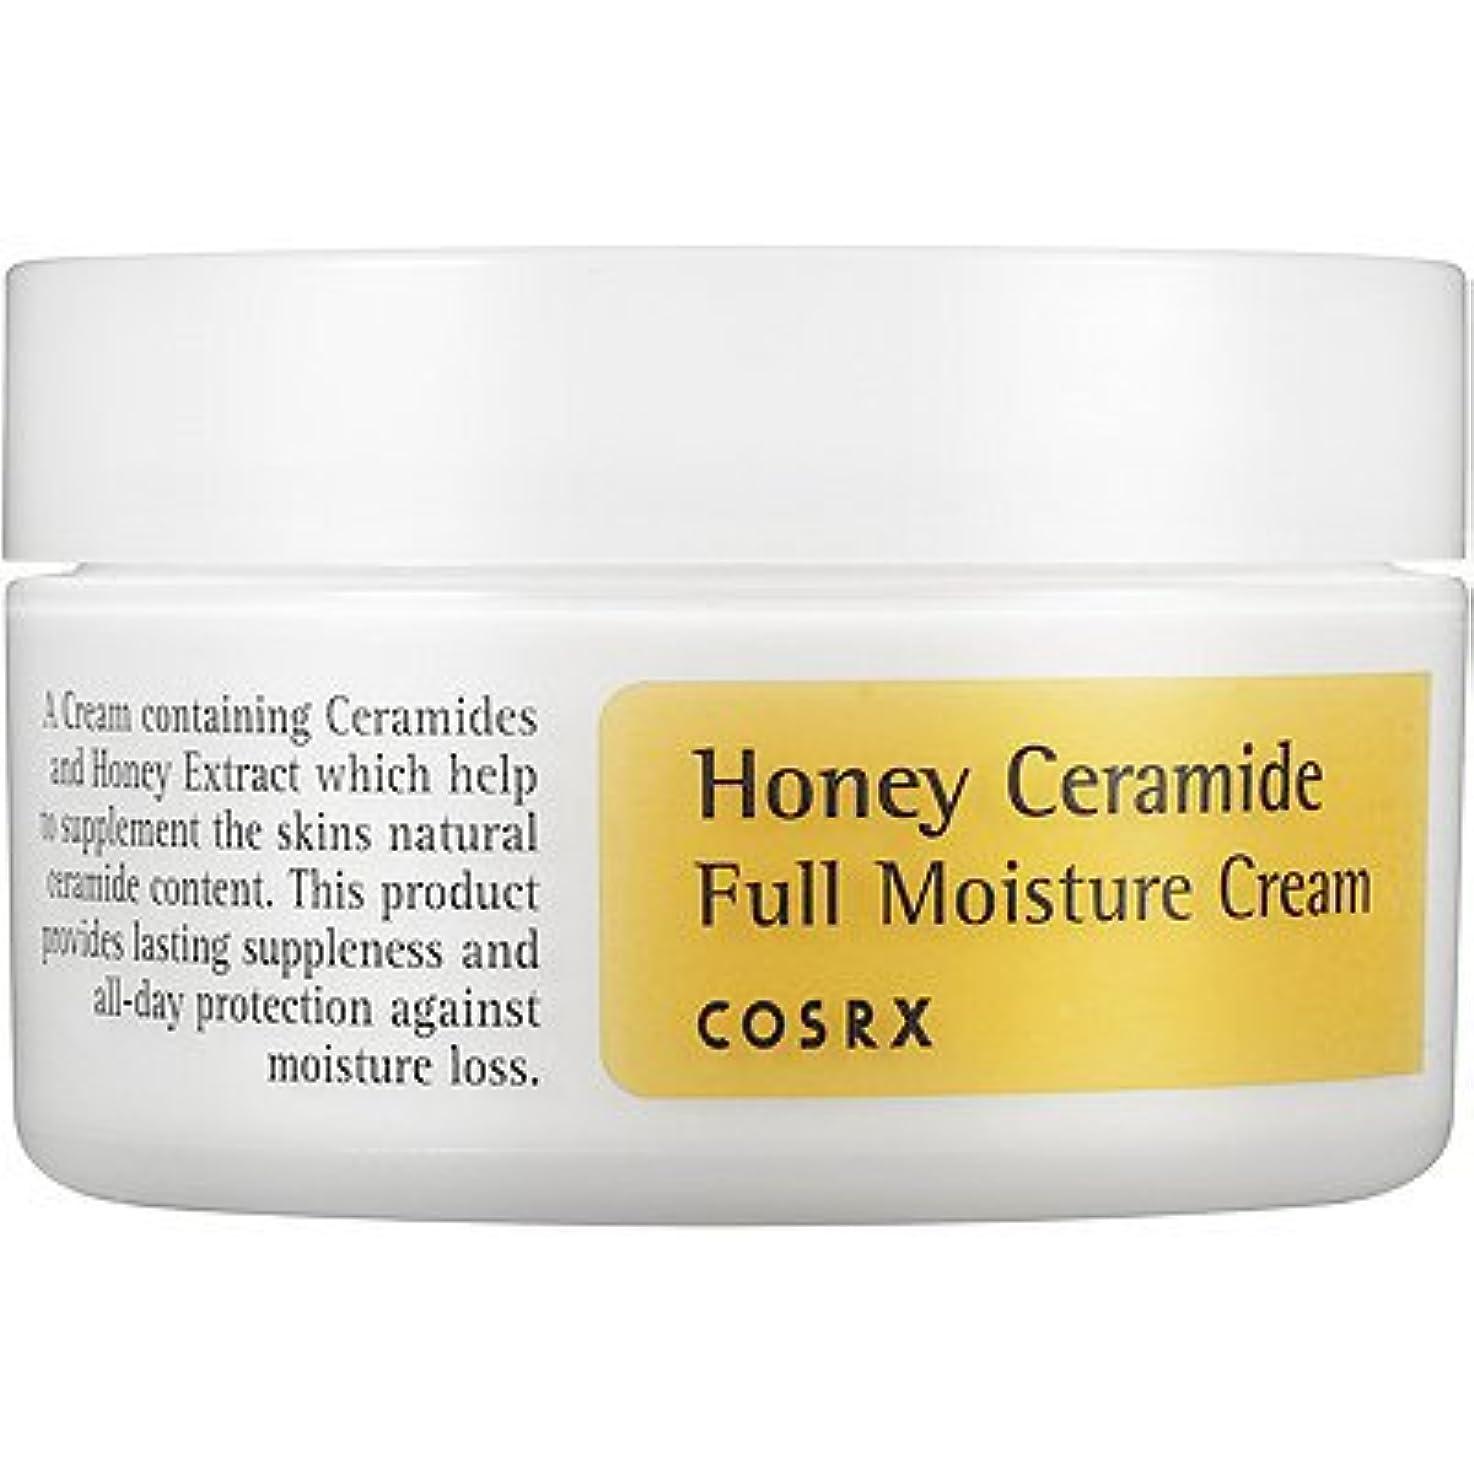 永久リレー検閲COSRX Honey Ceramide Full Moisture Cream 50g/ハニーセラミド フル モイスチャークリーム -50g [並行輸入品]